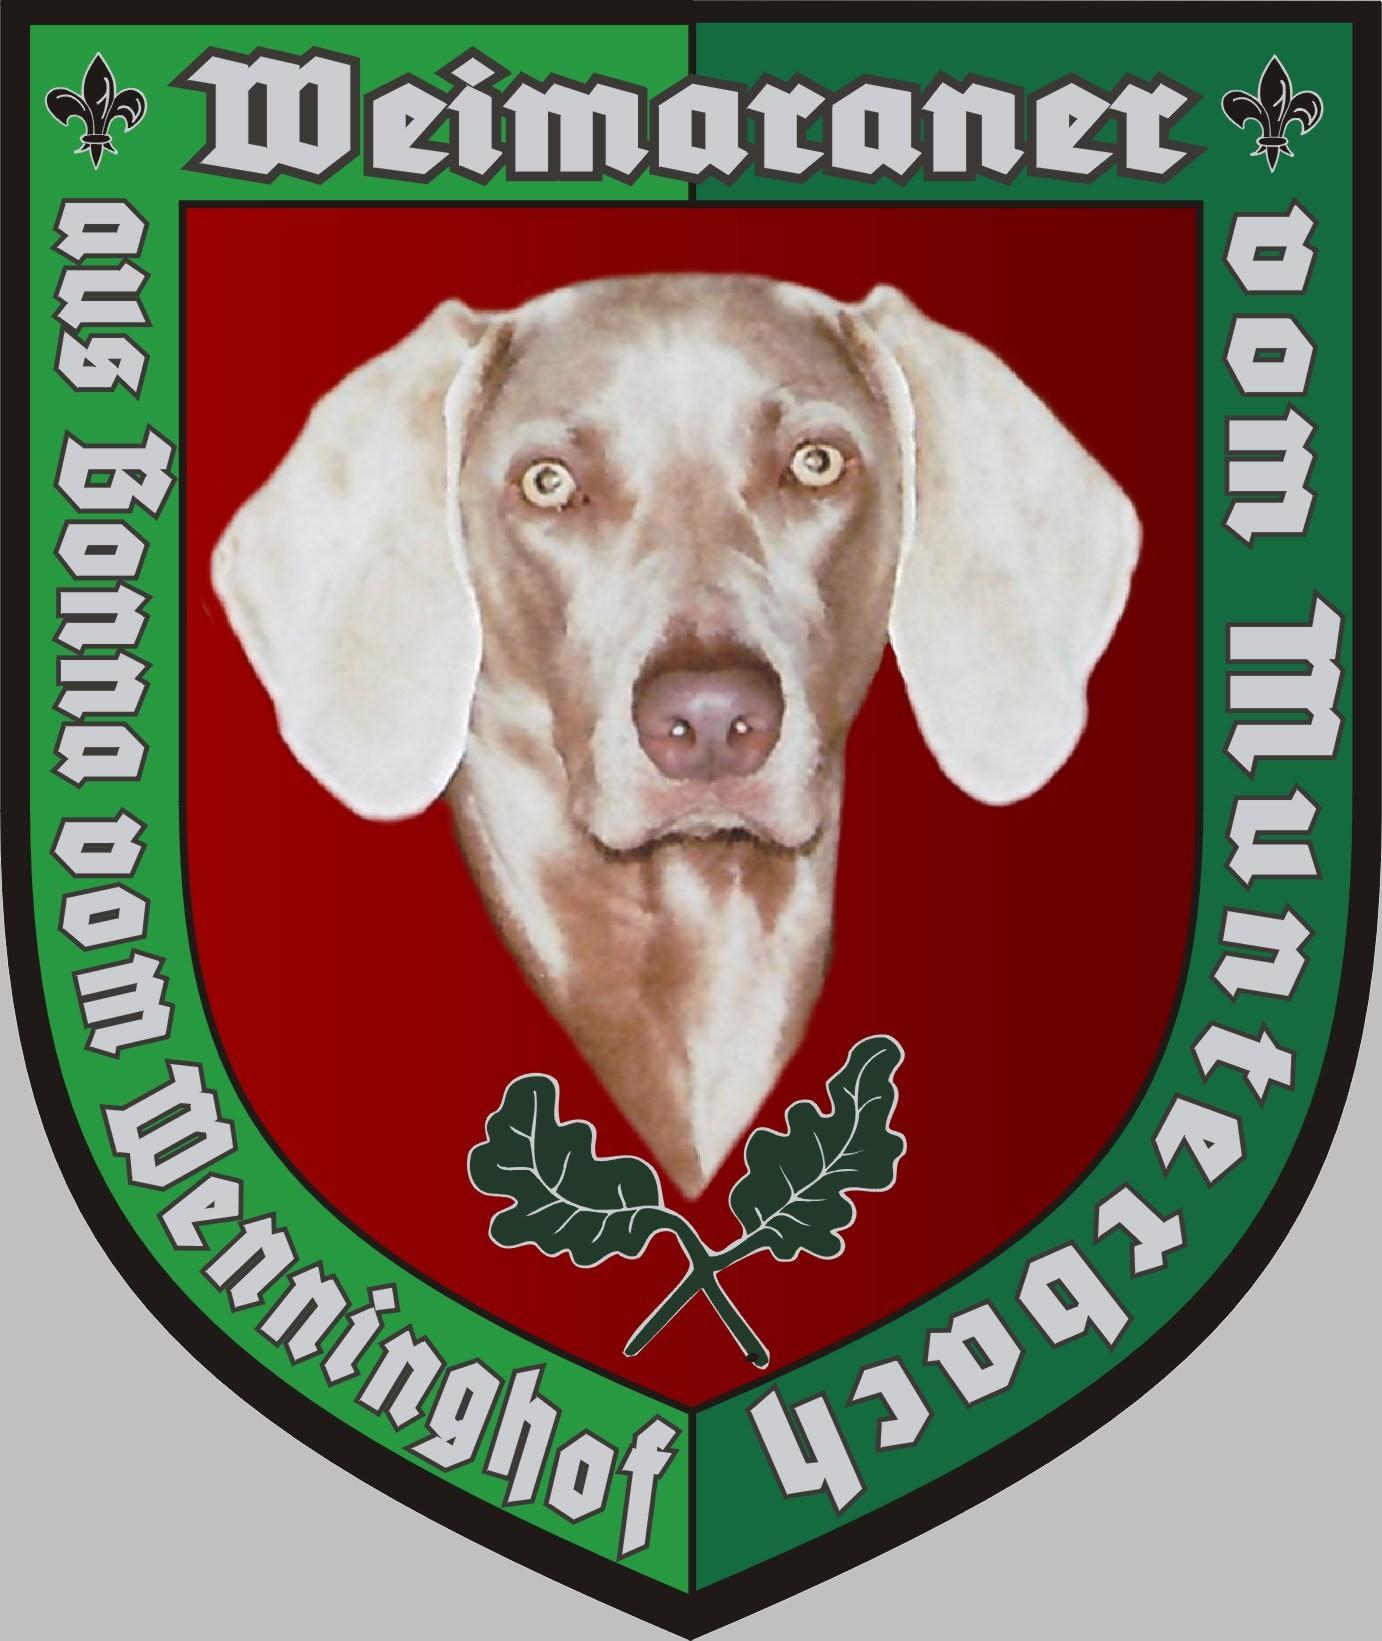 Weimaraner vom Munterbach